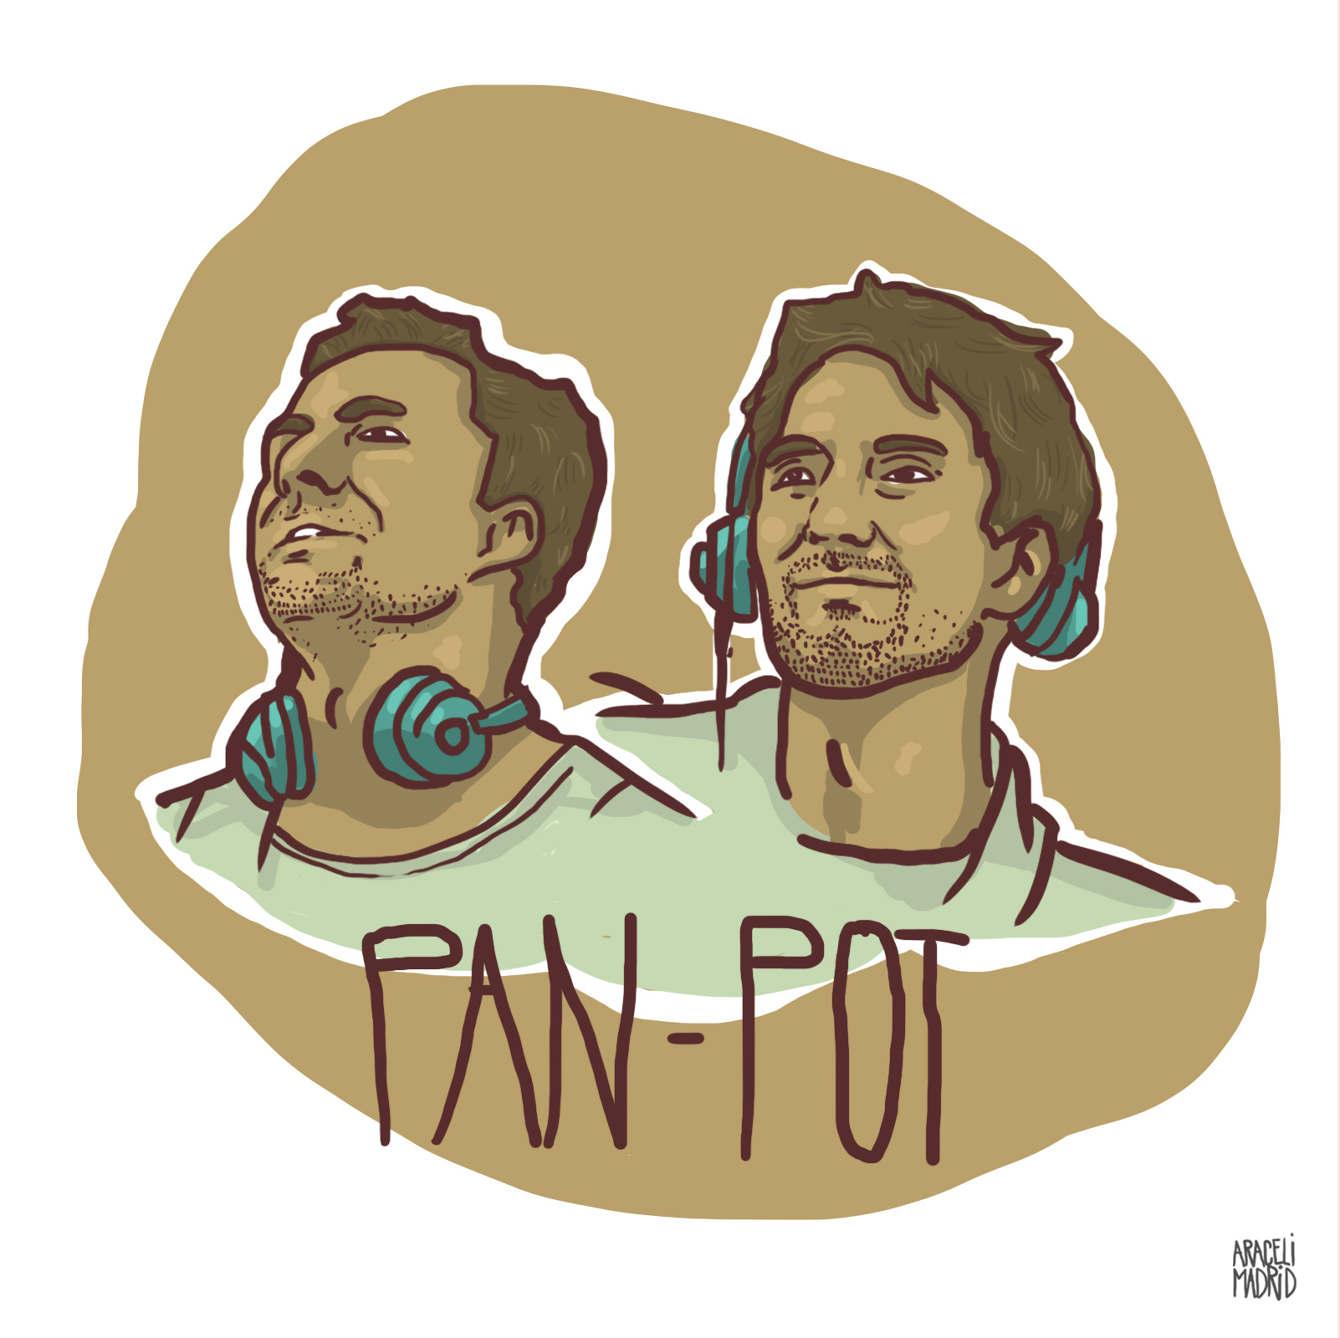 Pan-Pot Djs ilustrados